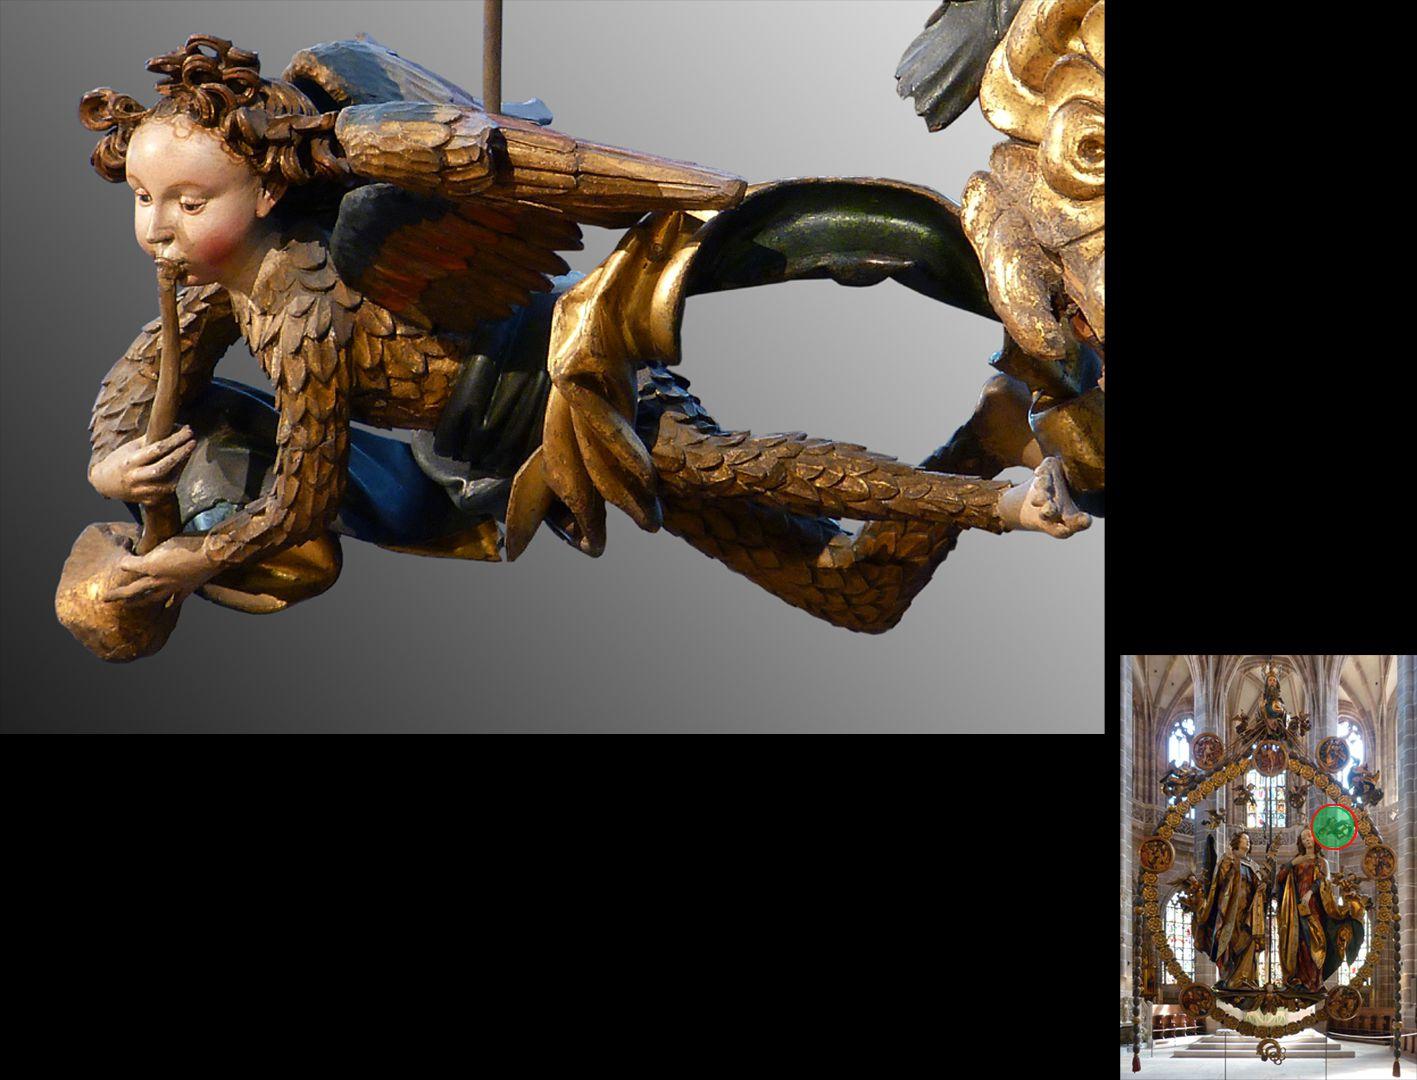 Englischer Gruß Engelchen im Federkleid mit Posaune (unten rechts Detaillokalisierung)